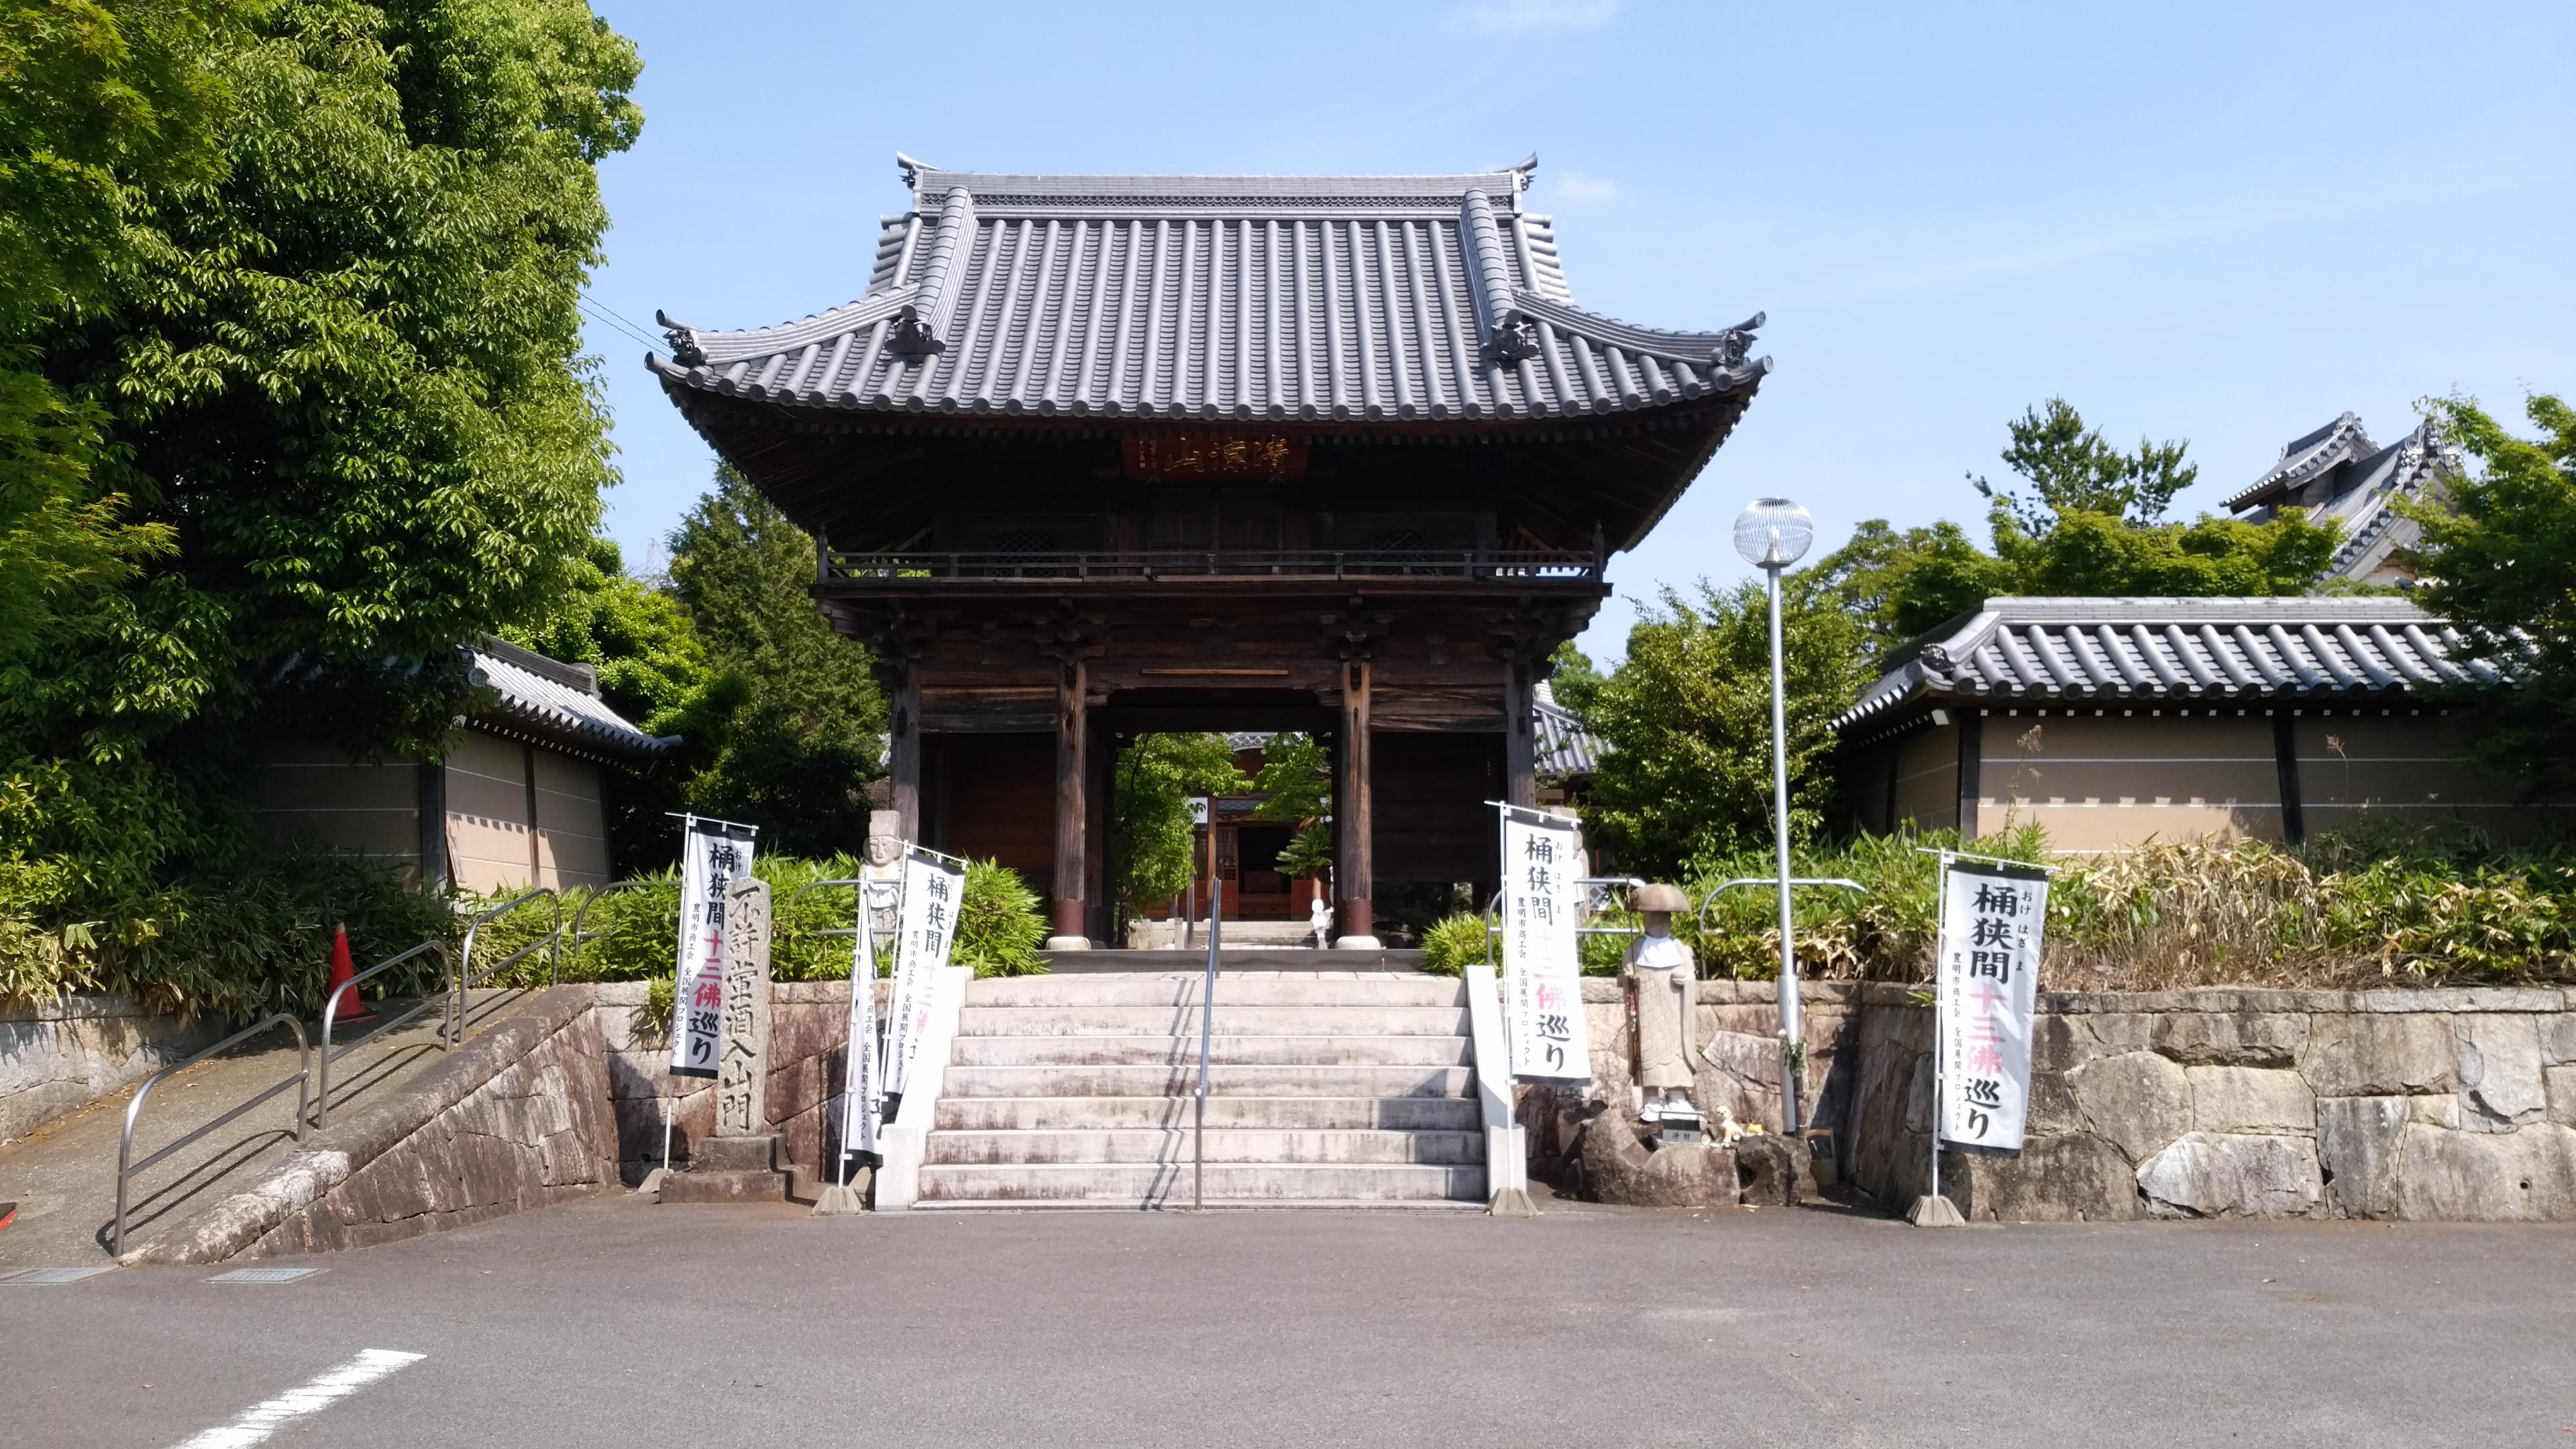 曹源寺 (一番札所)豊明市